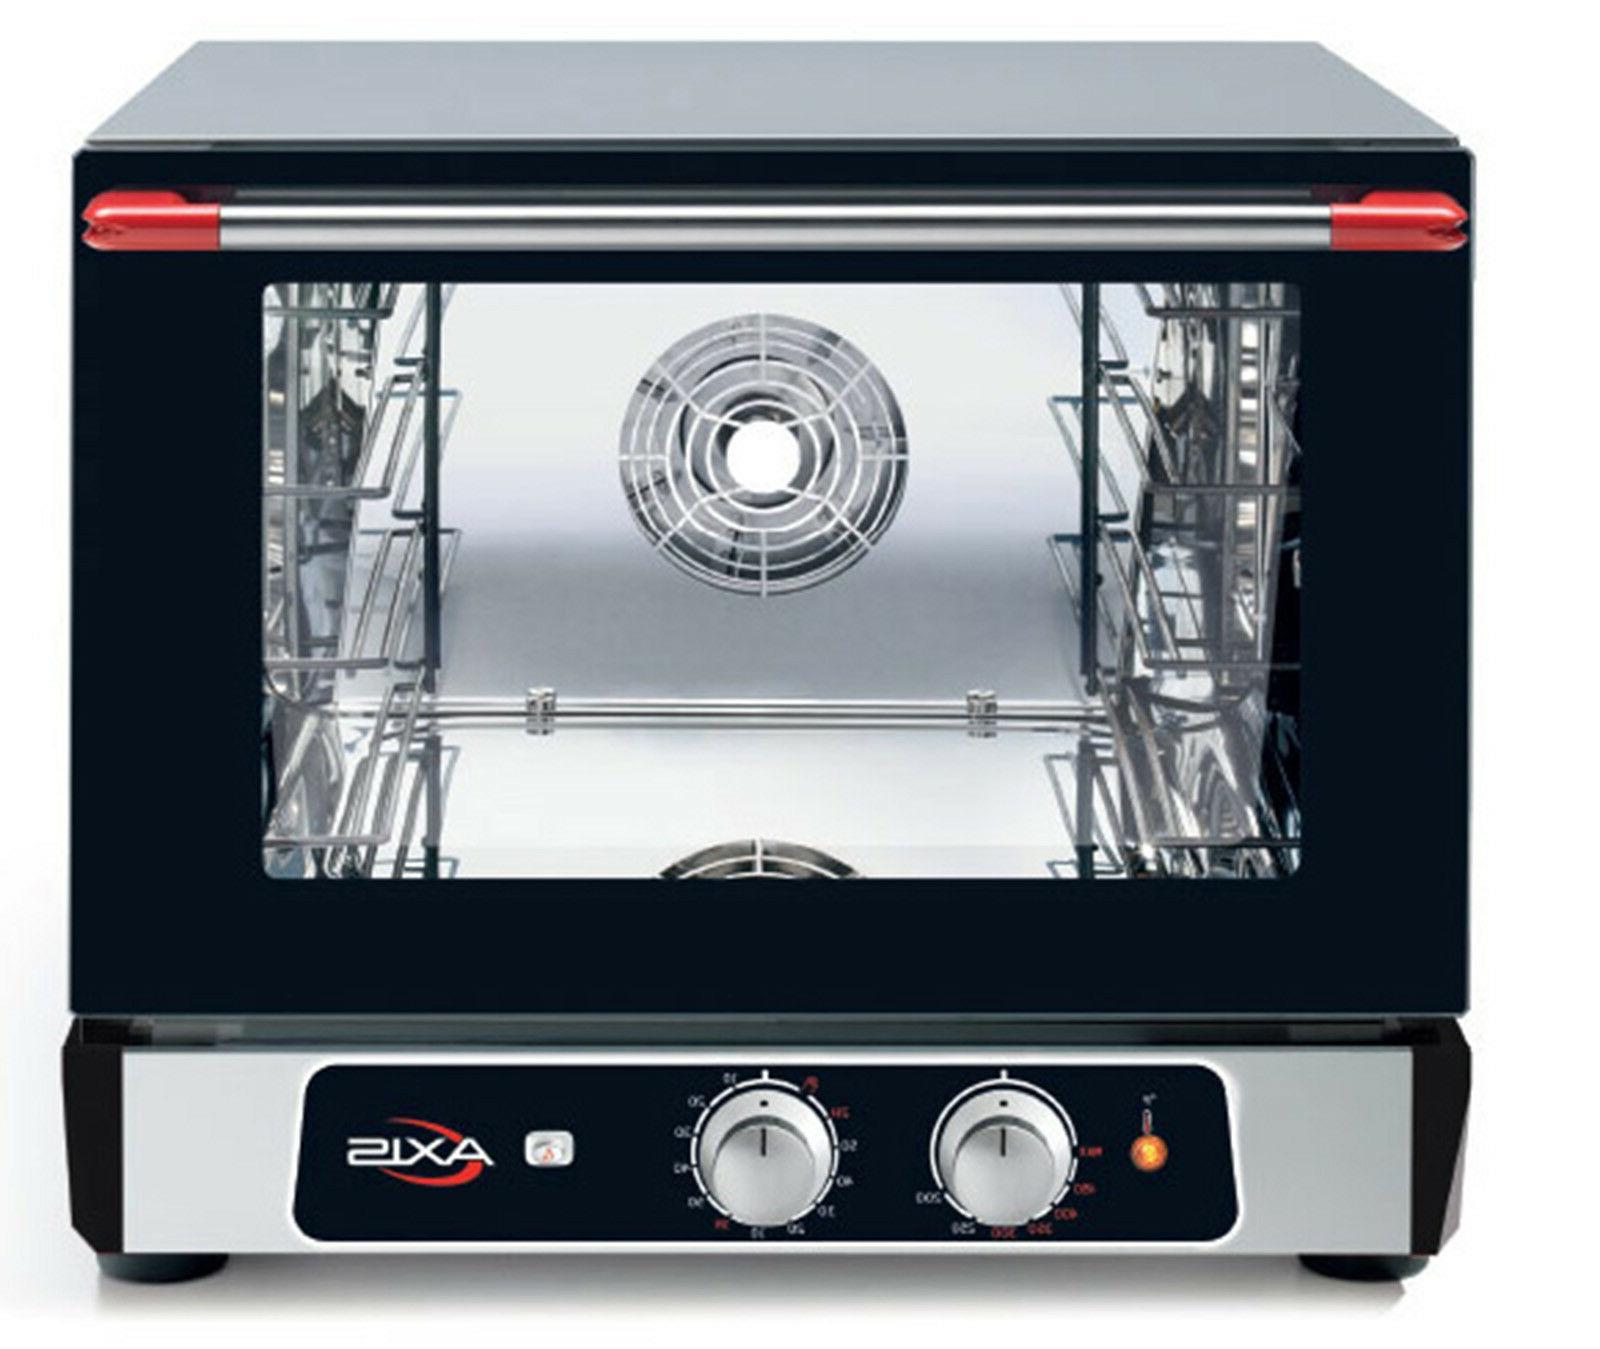 ax 514rh convection oven countertop 1 2